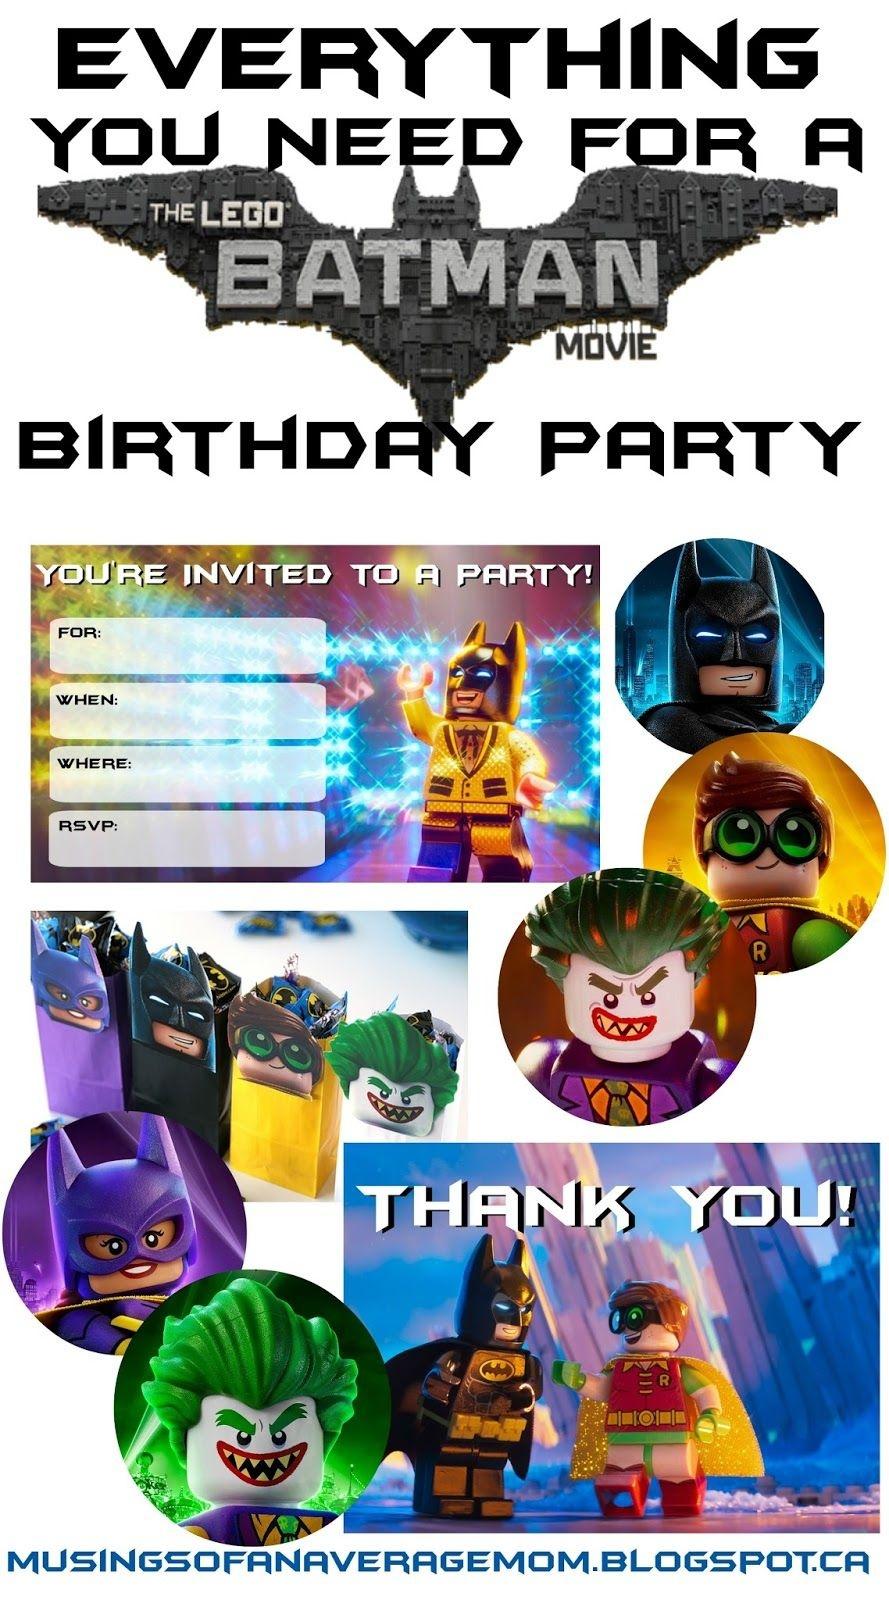 Lego Batman Thank You Cards | Lego Batman 5Th Bday | Lego Batman - Lego Batman Party Invitations Free Printable